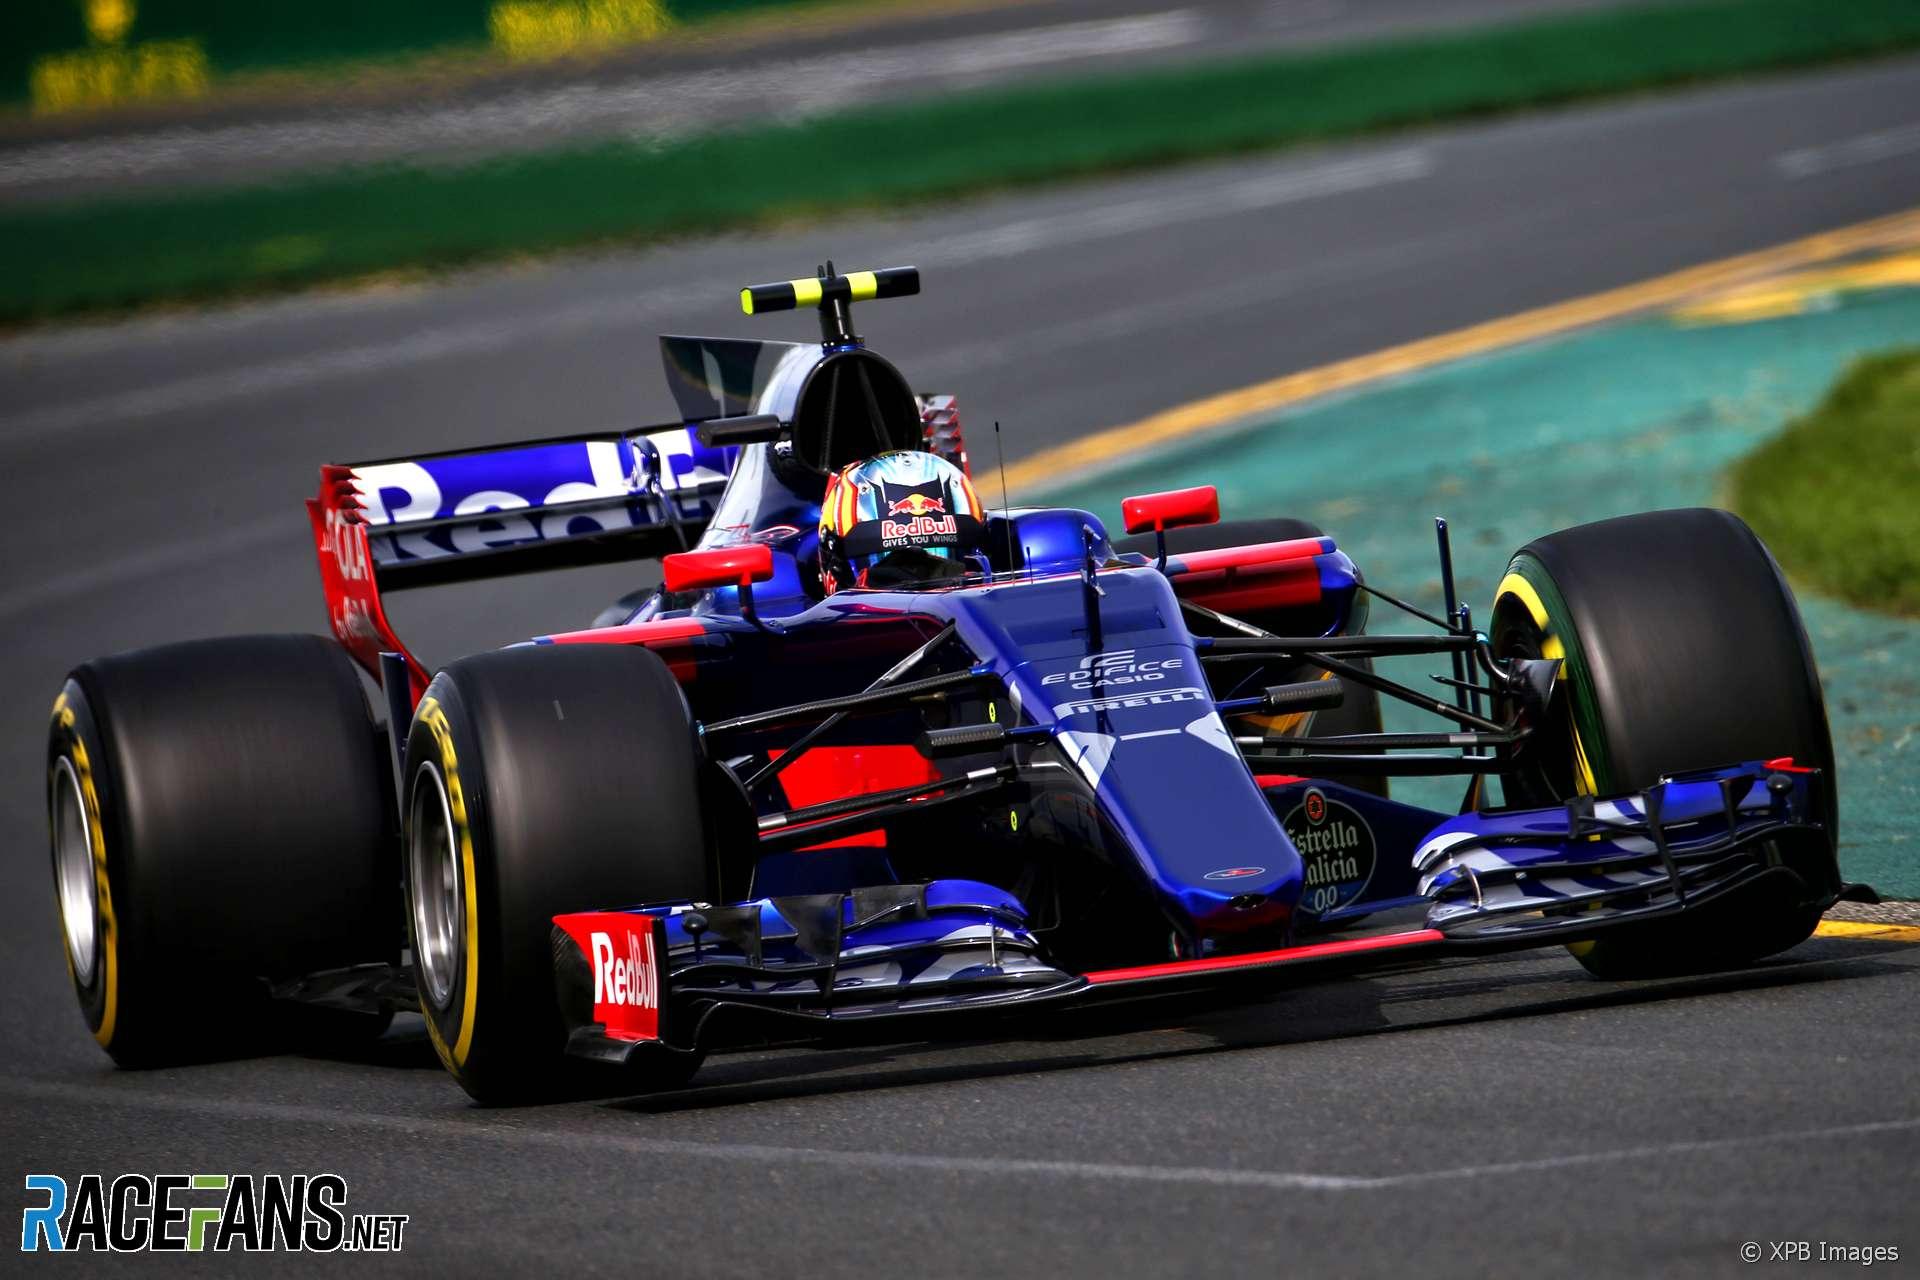 Carlos Sainz Jnr, Toro Rosso, Melbourne, 2017